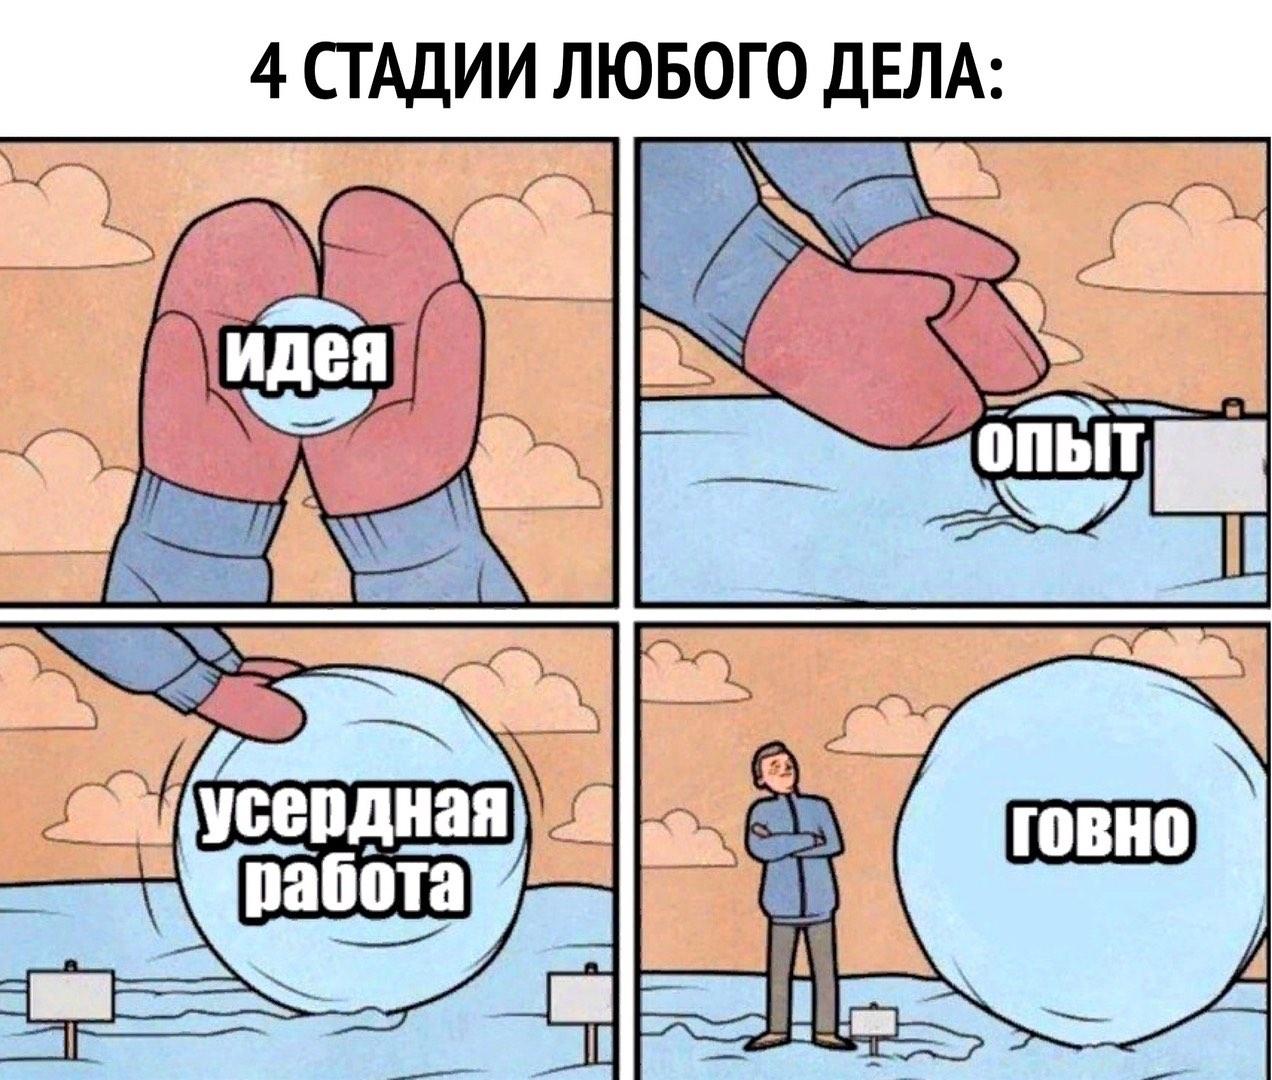 Мемы и комиксы о продажах 16